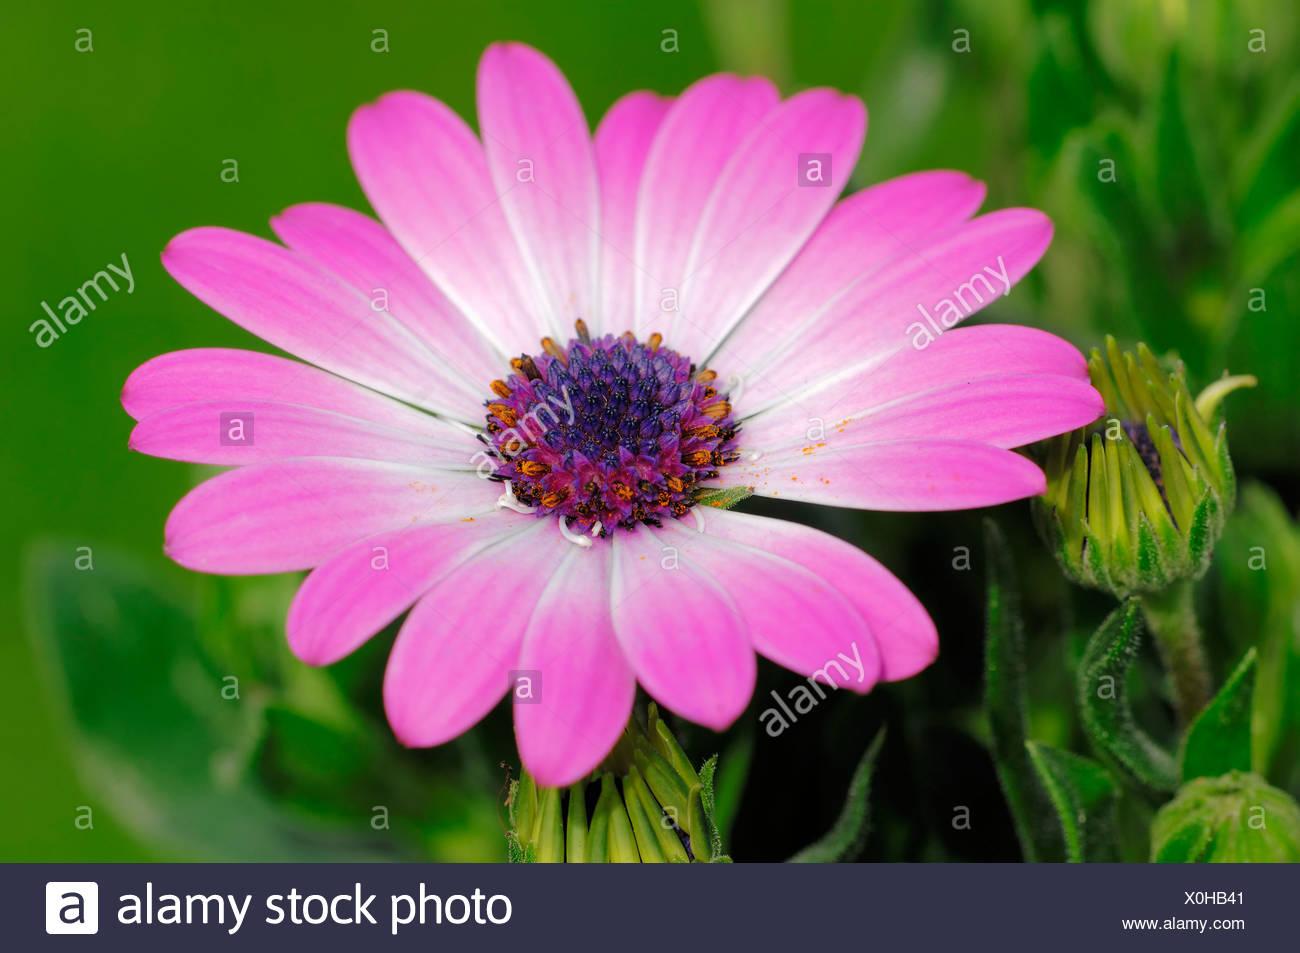 Cape marguerite, Van Staden's River daisy, Sundays River daisy, White daisy bush, Blue-and-white daisy bush, Star of the Veldt - Stock Image